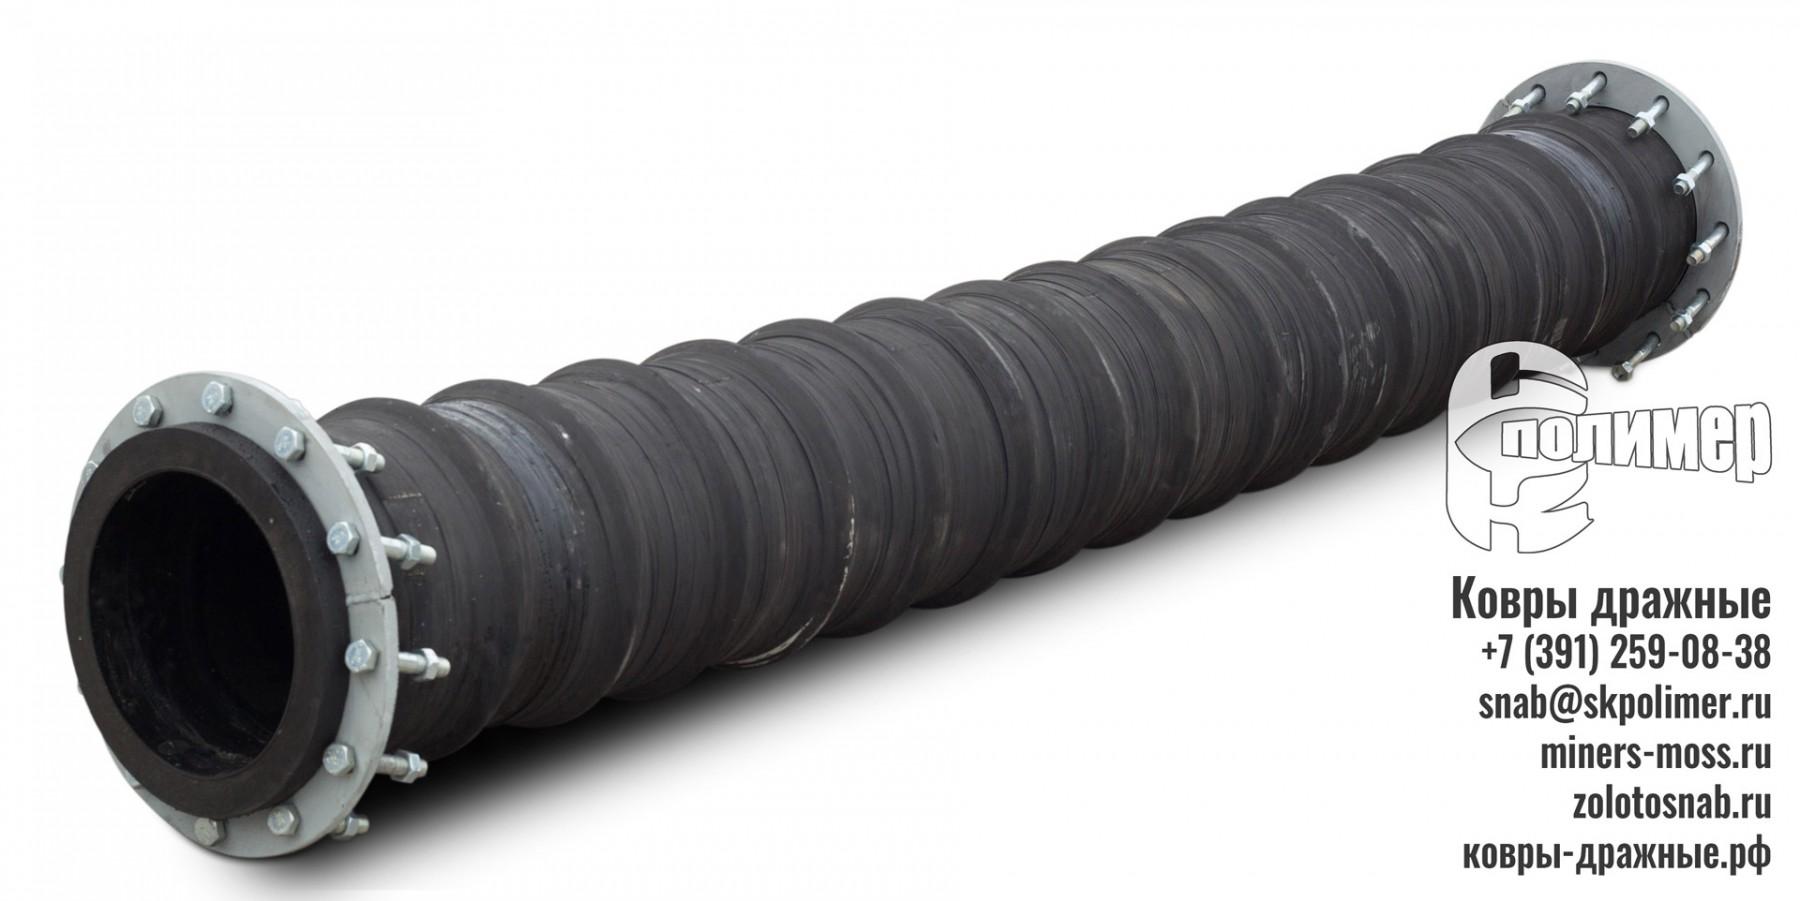 резинотканевый пульпопровод трубопровод